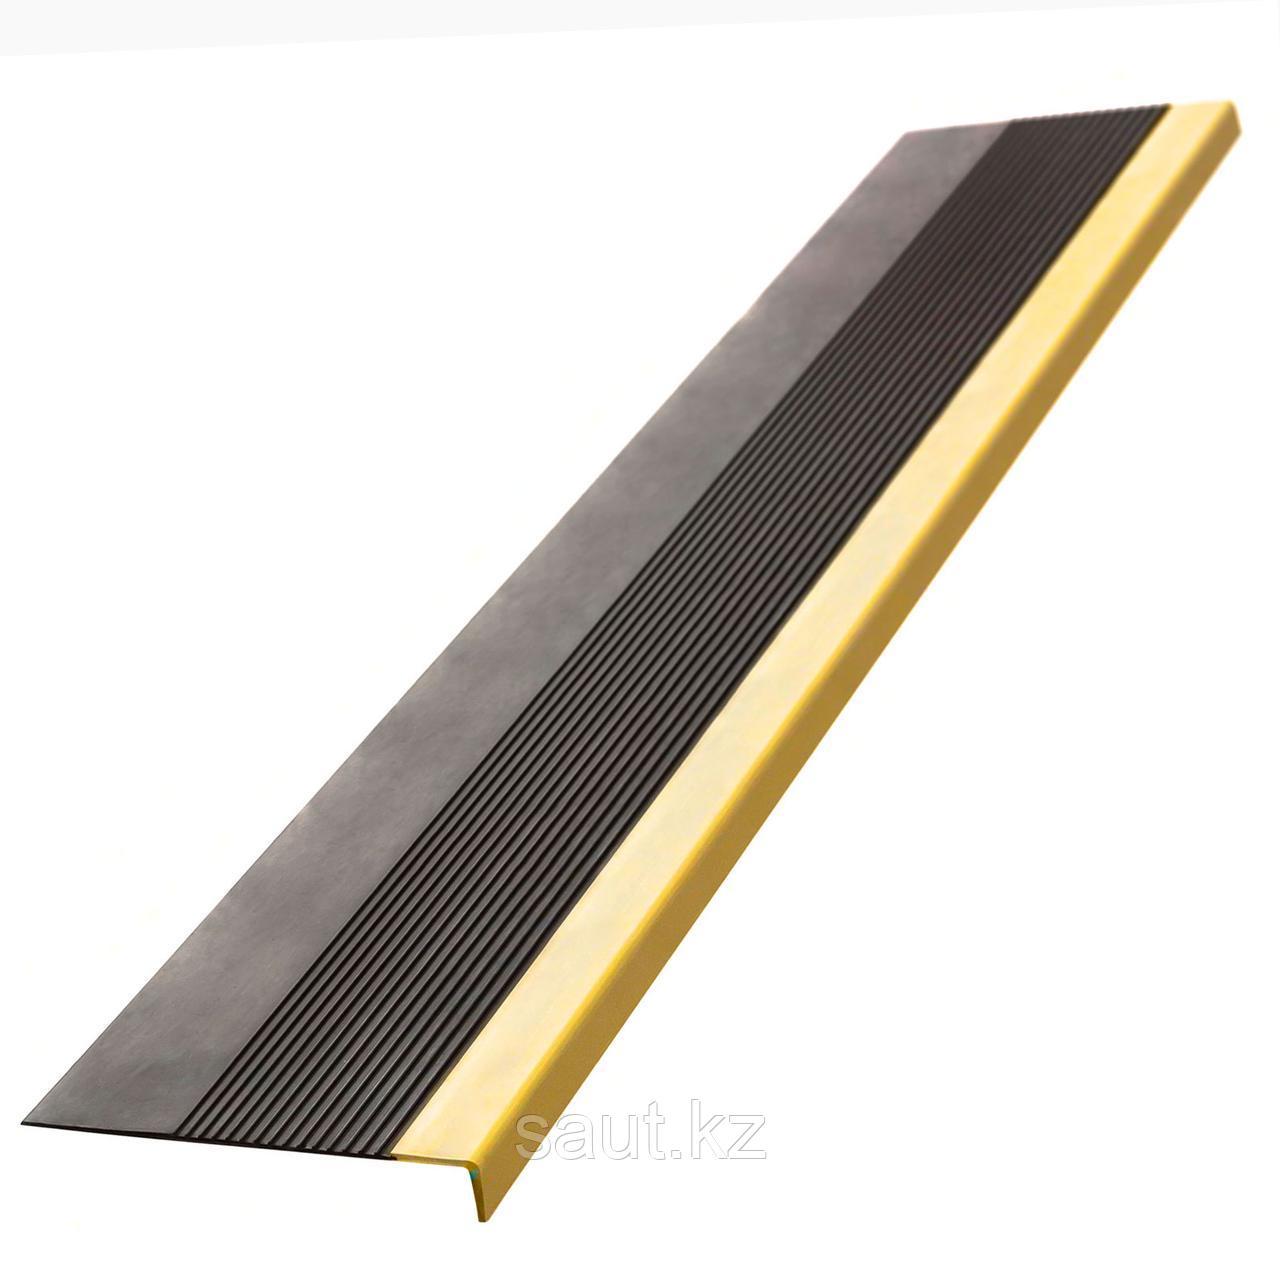 Накладка на ступень (Проступь) Удлиненная продольное рифление, пятачковая 1200x300x30 Светофор, Черная